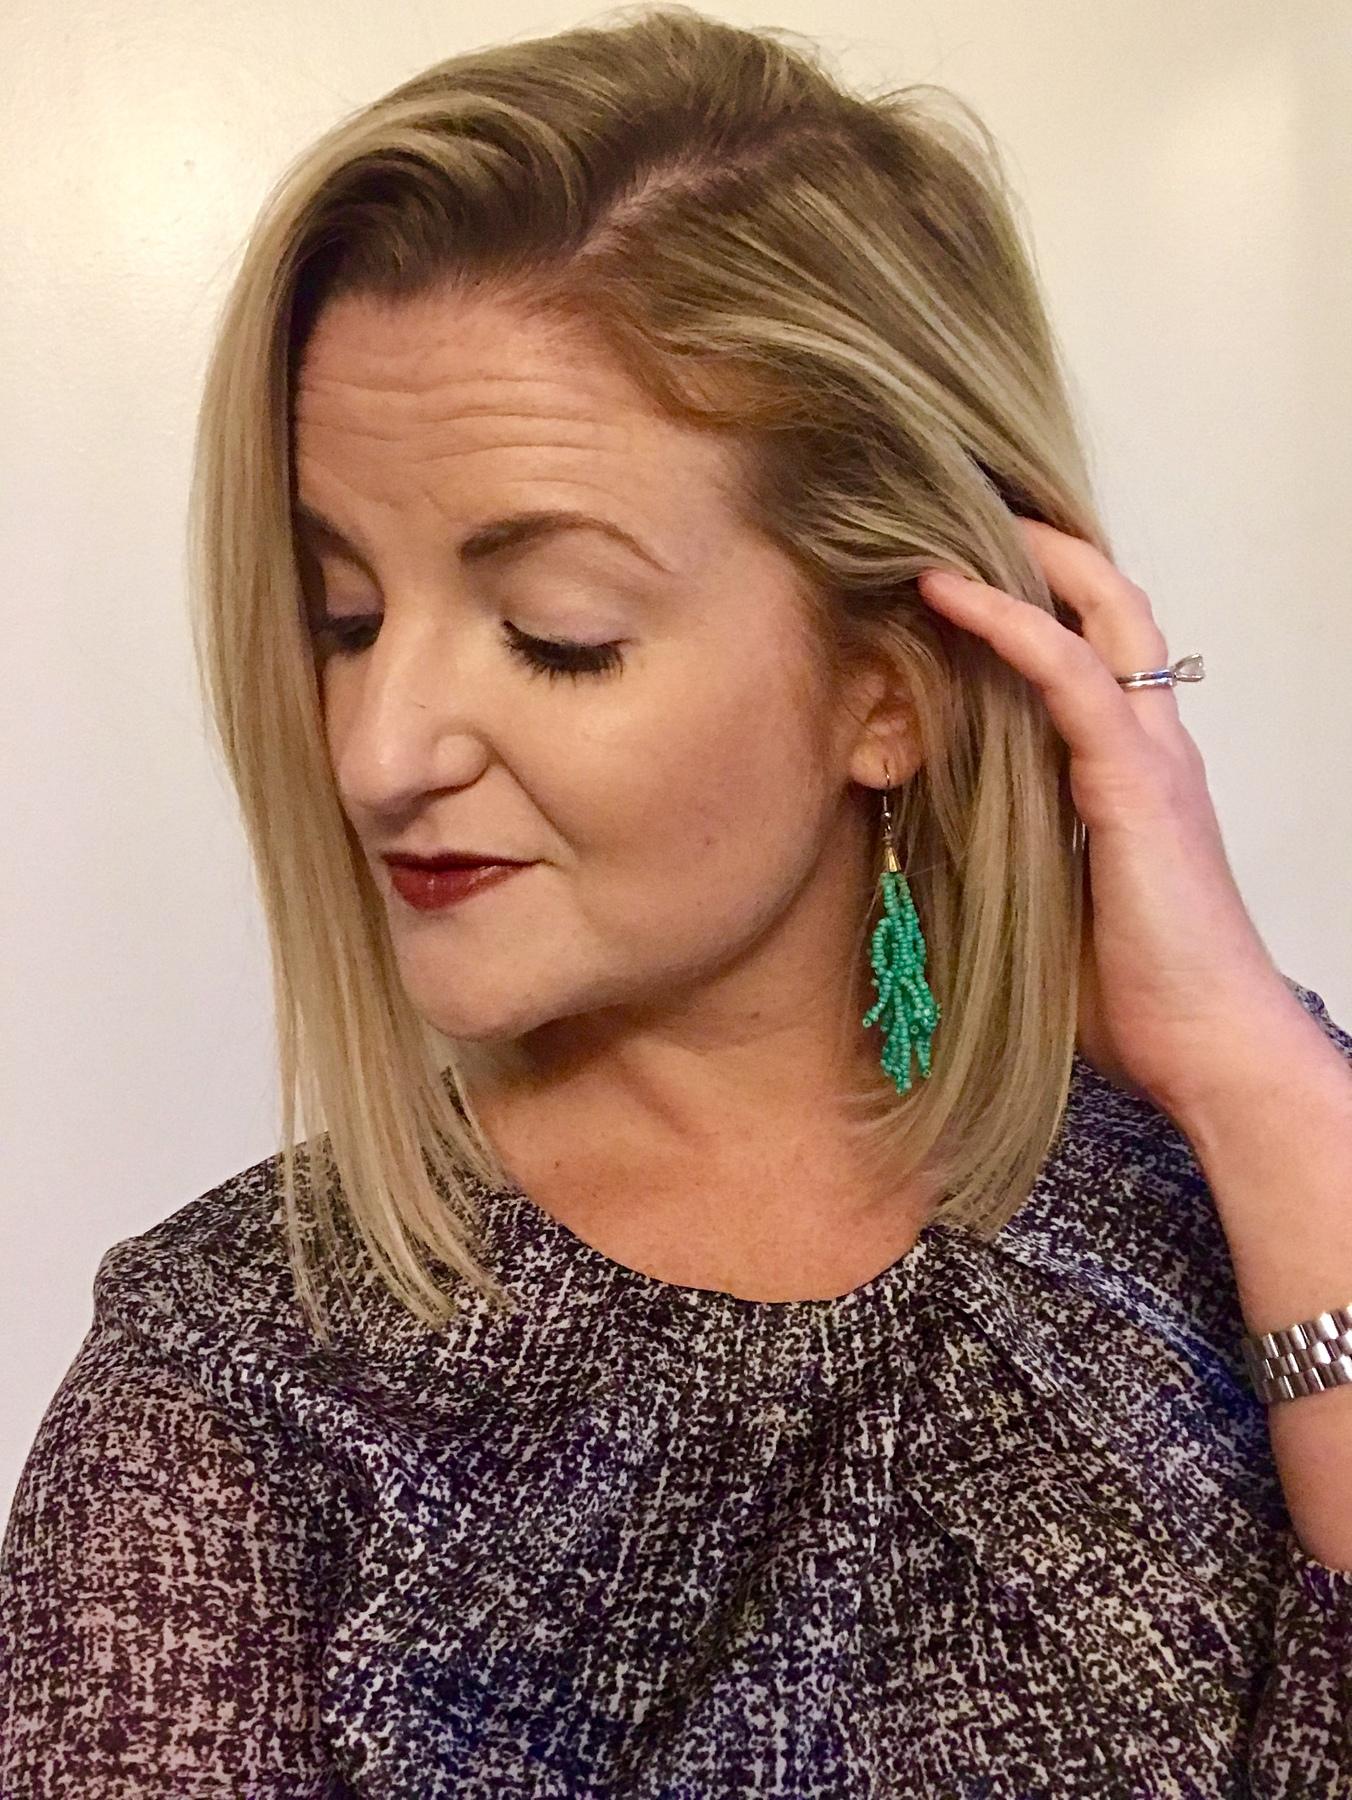 Karen models her beaded earrings found at Goodwill.